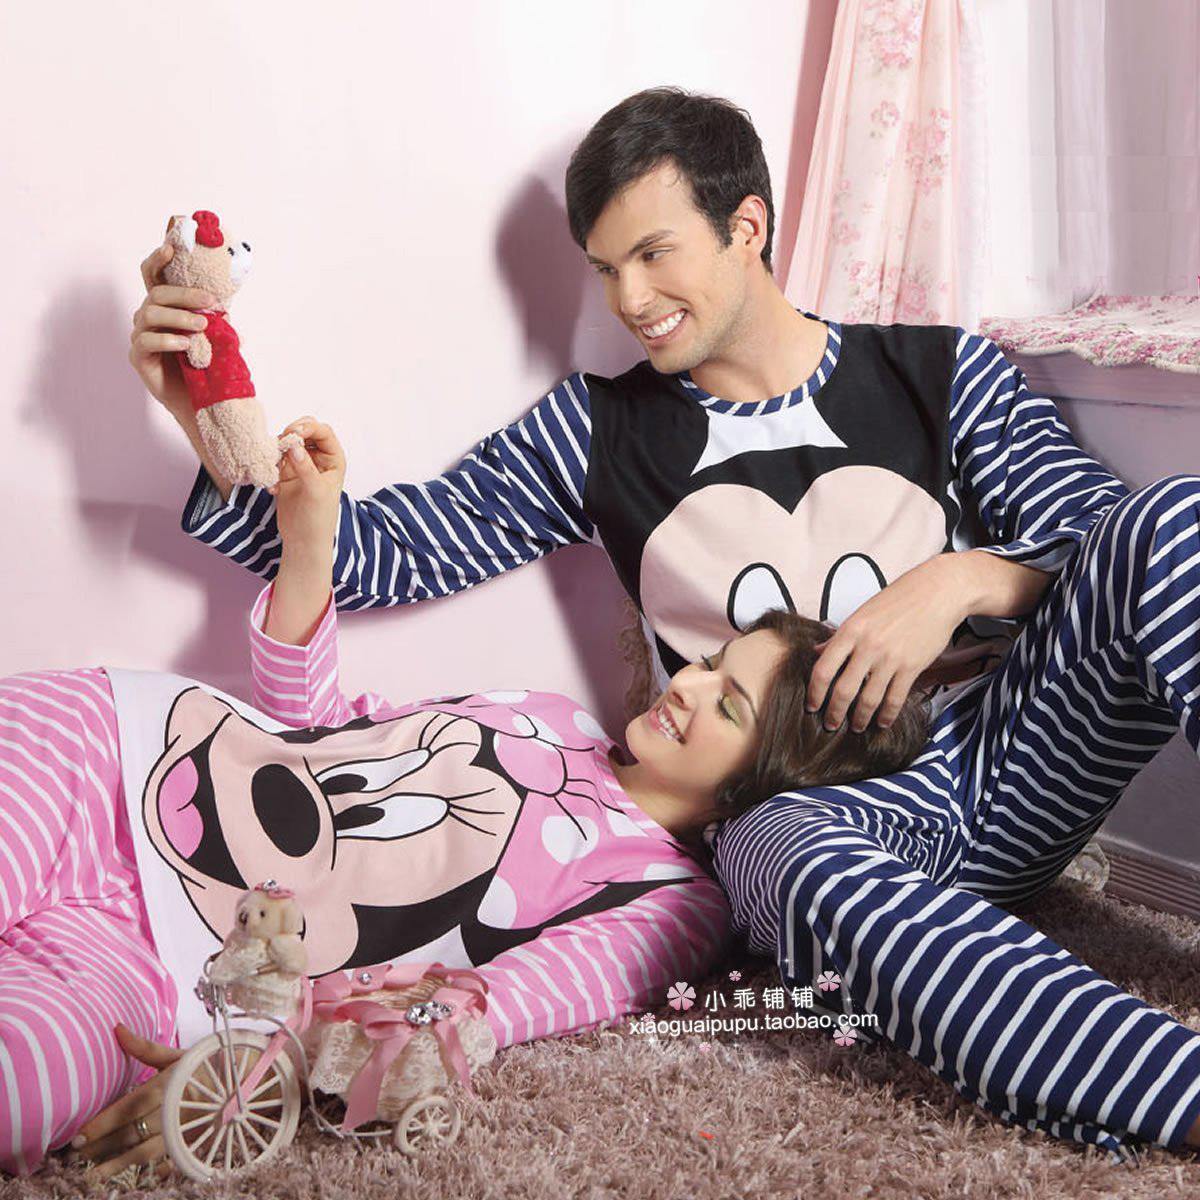 Пижама Miqimini пара пижама длинный рукав костюм пара осень весна одежда хлопок пижамы #1653 Хлопковый трикотаж Персонажи мультфильмов Свитер Для отдыха дома Для пары